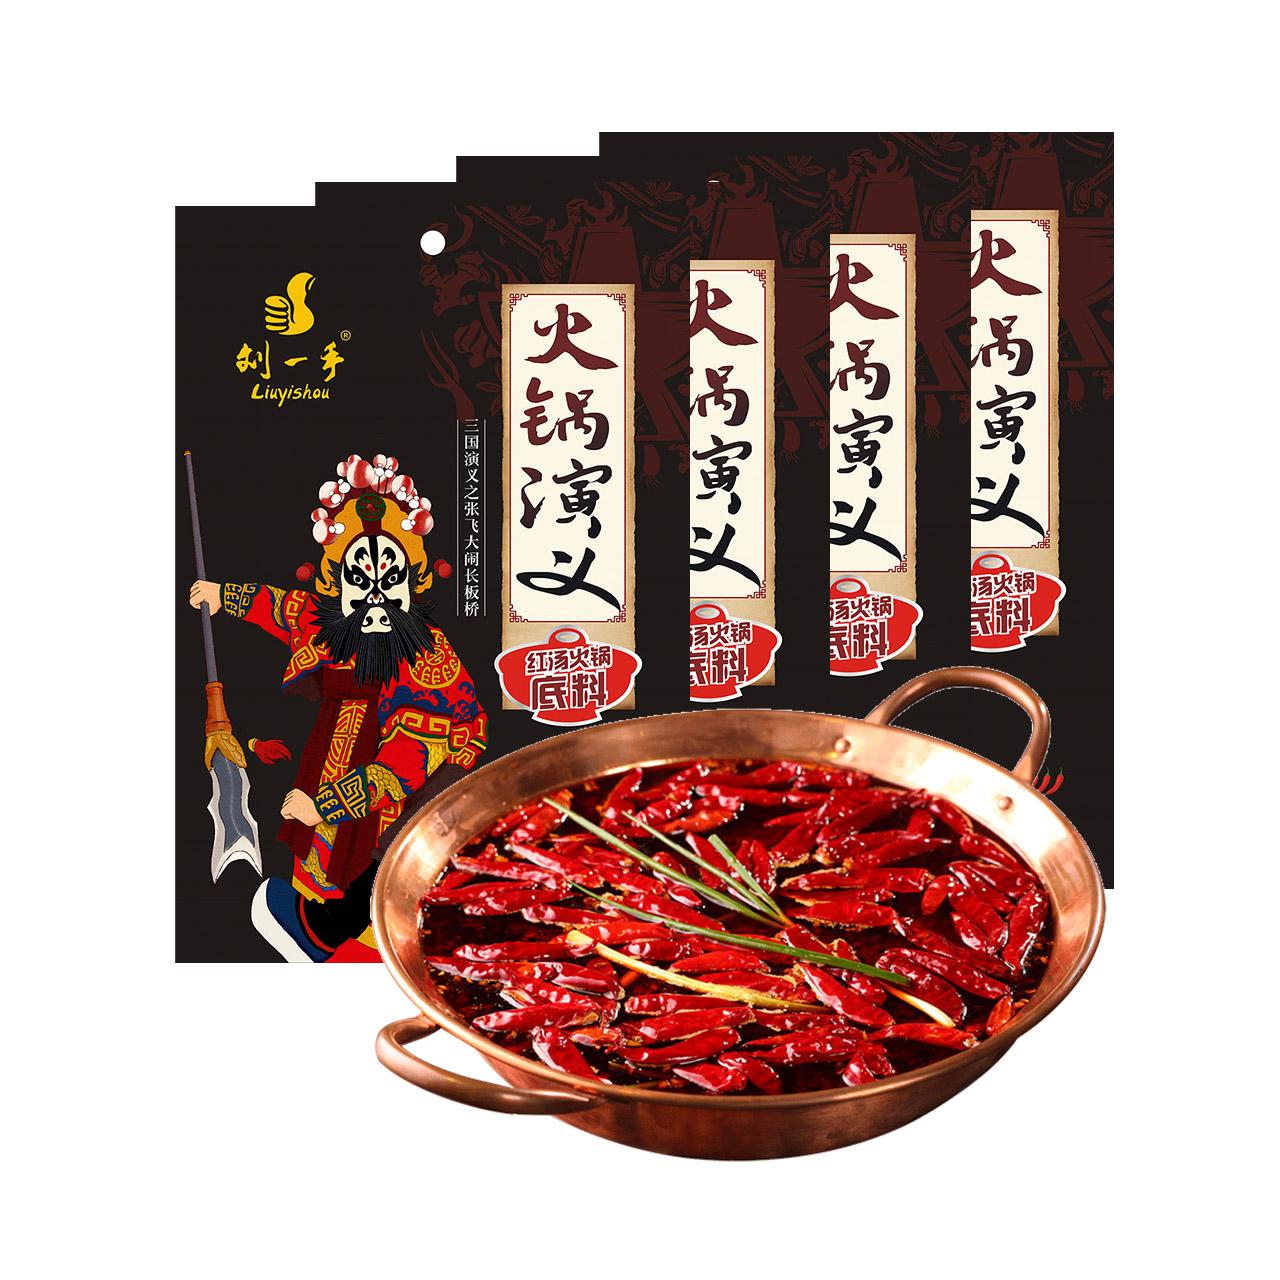 刘一手红汤火锅底料200g*4袋重庆老火锅调料四川麻辣烫调味料特产